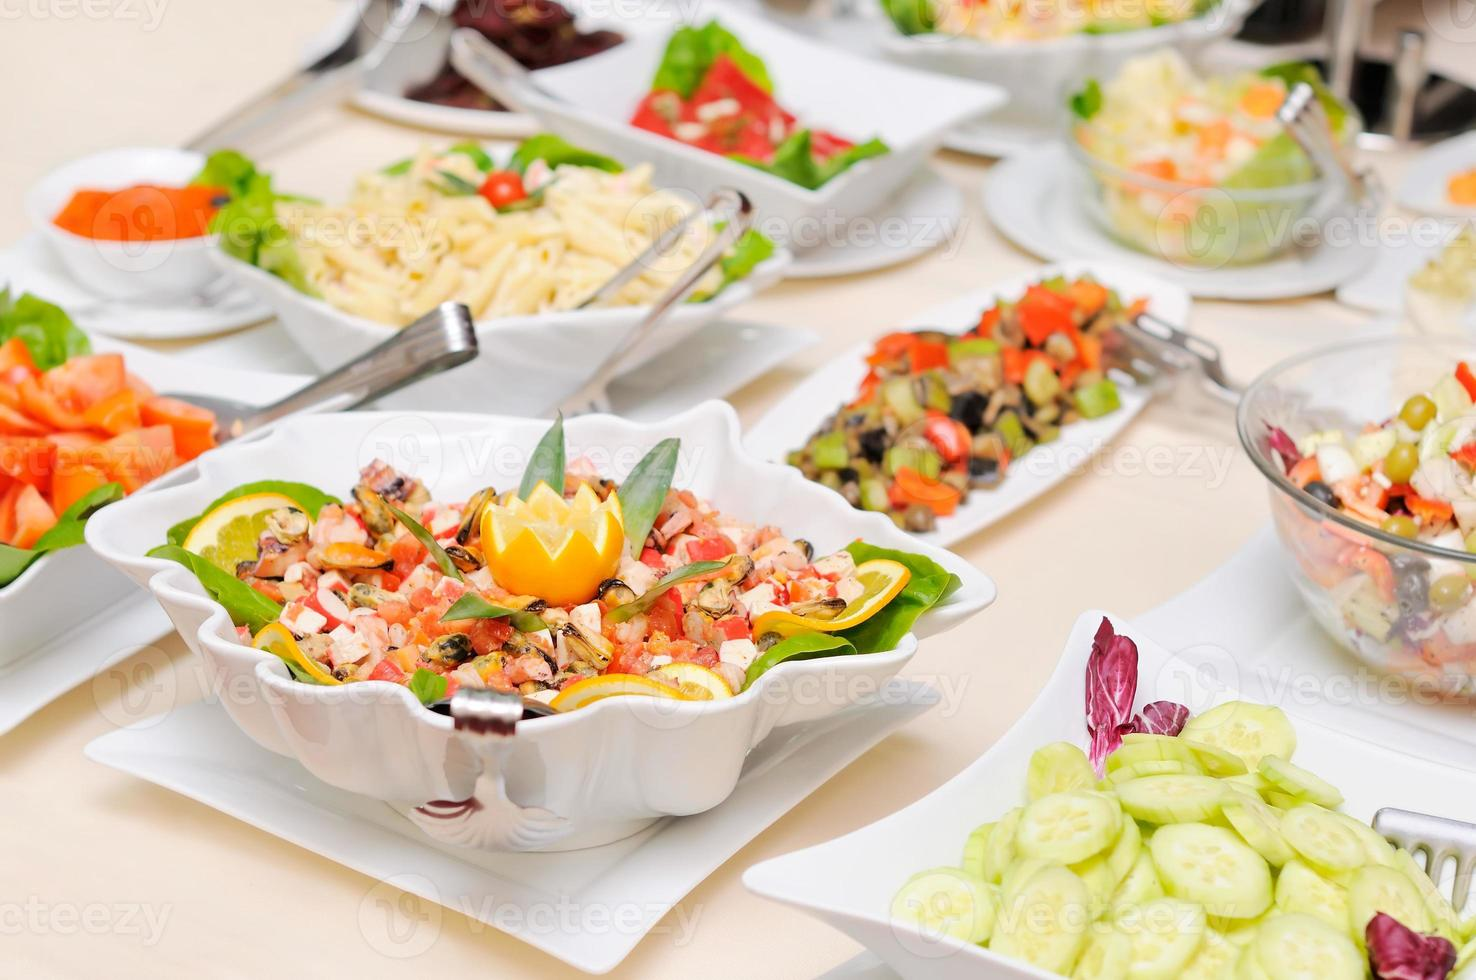 diversiteit aan salades op tafel foto